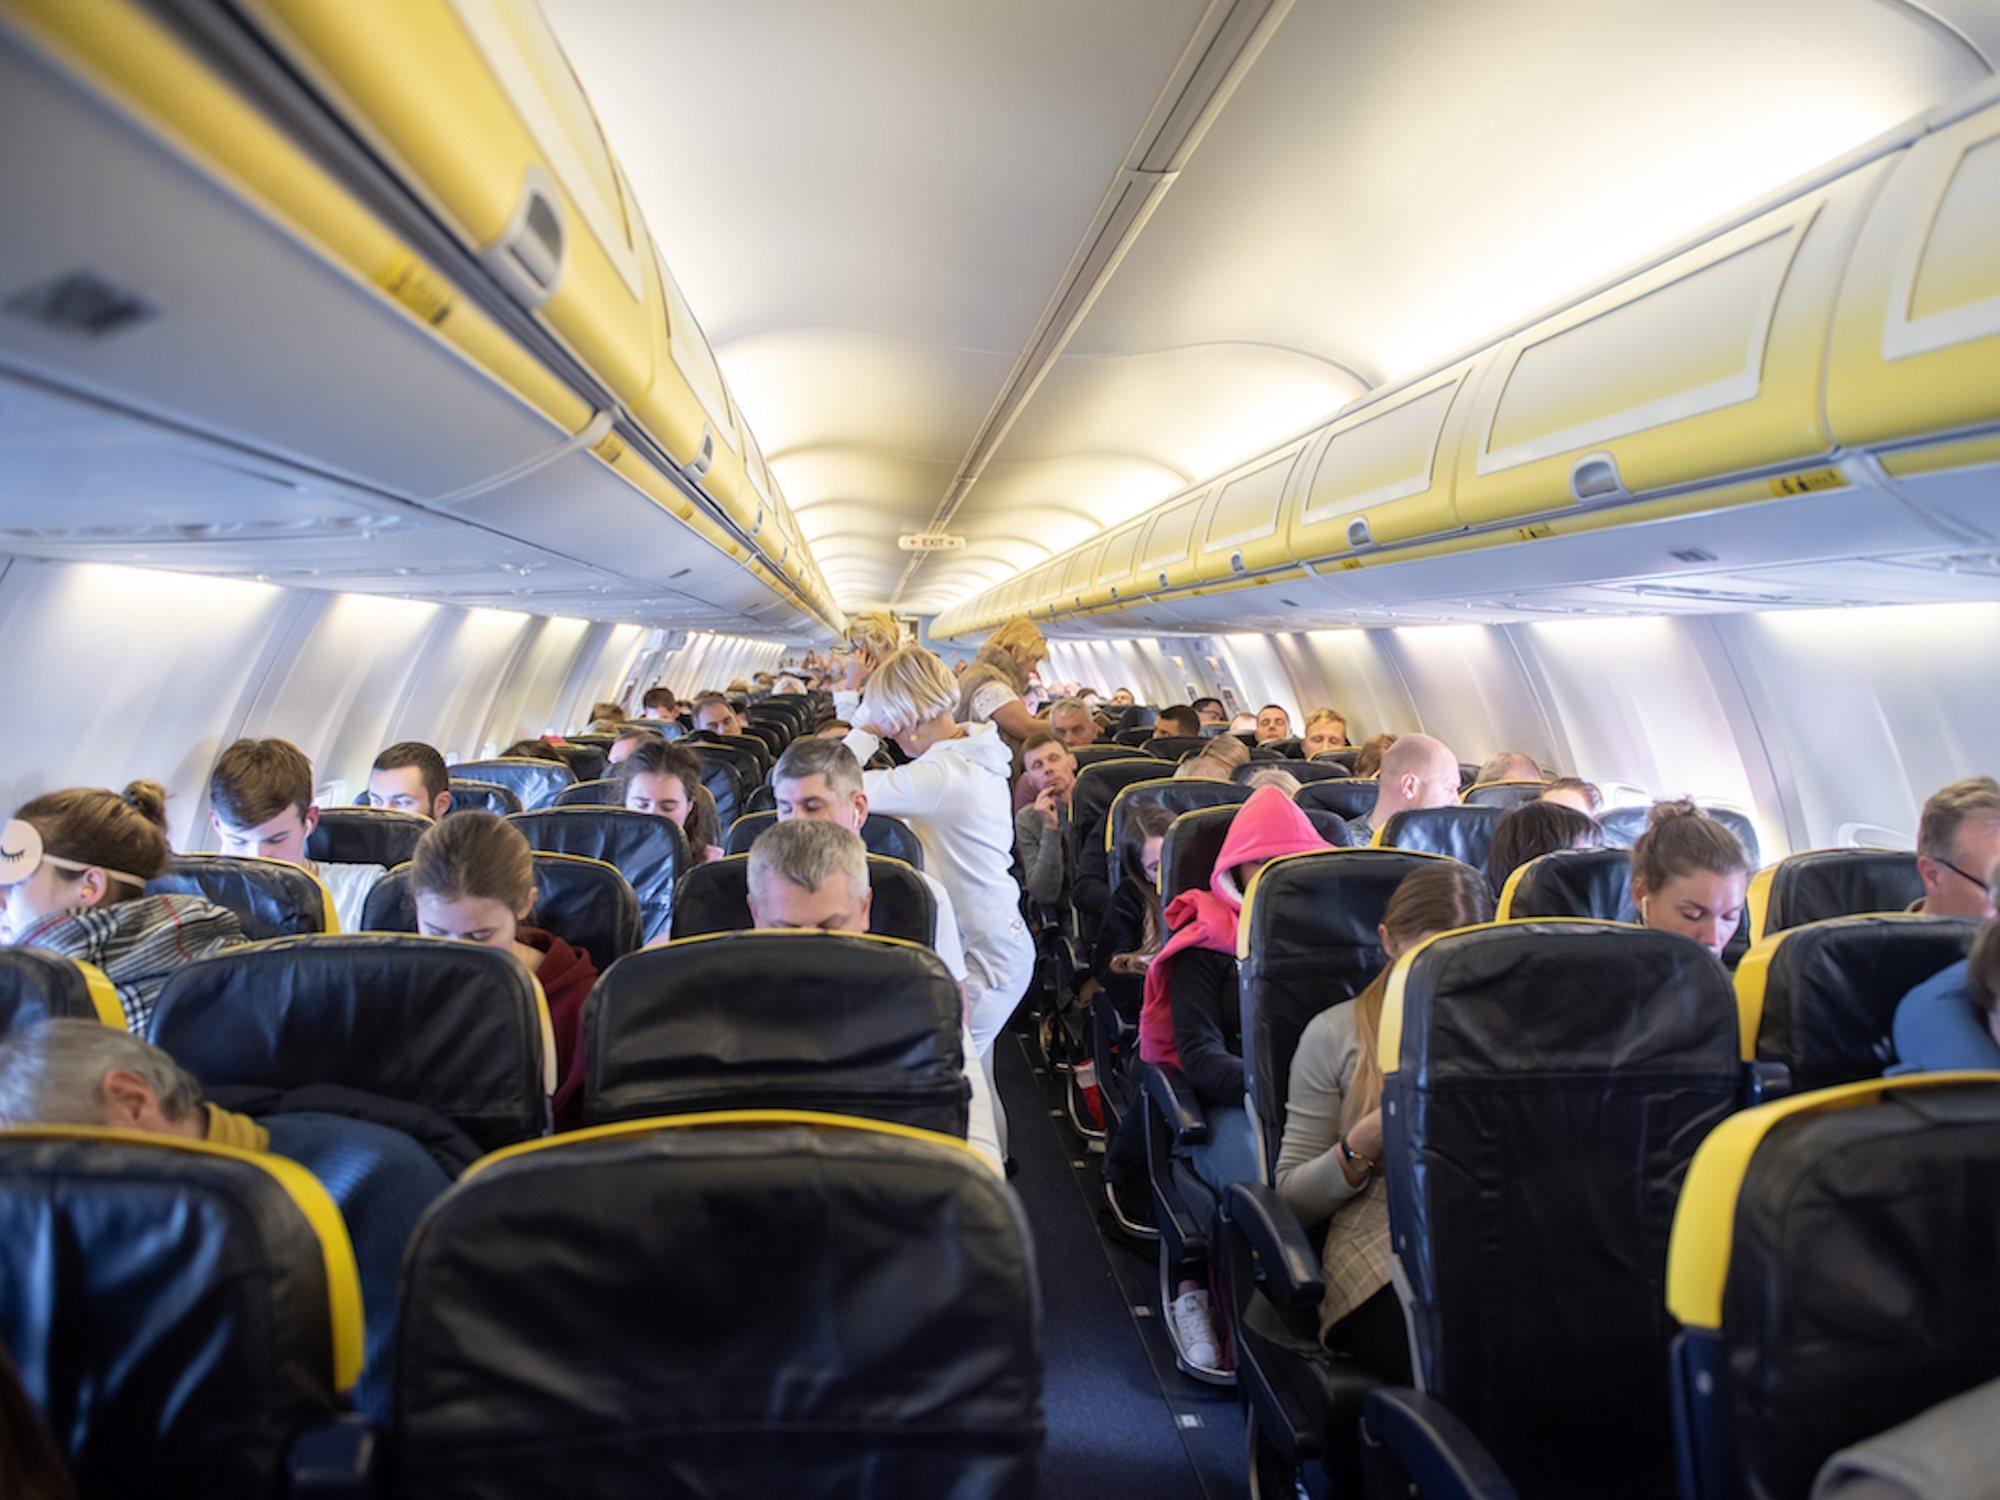 Advierten del peligro de que los asientos de los aviones cada vez sean más estrechos